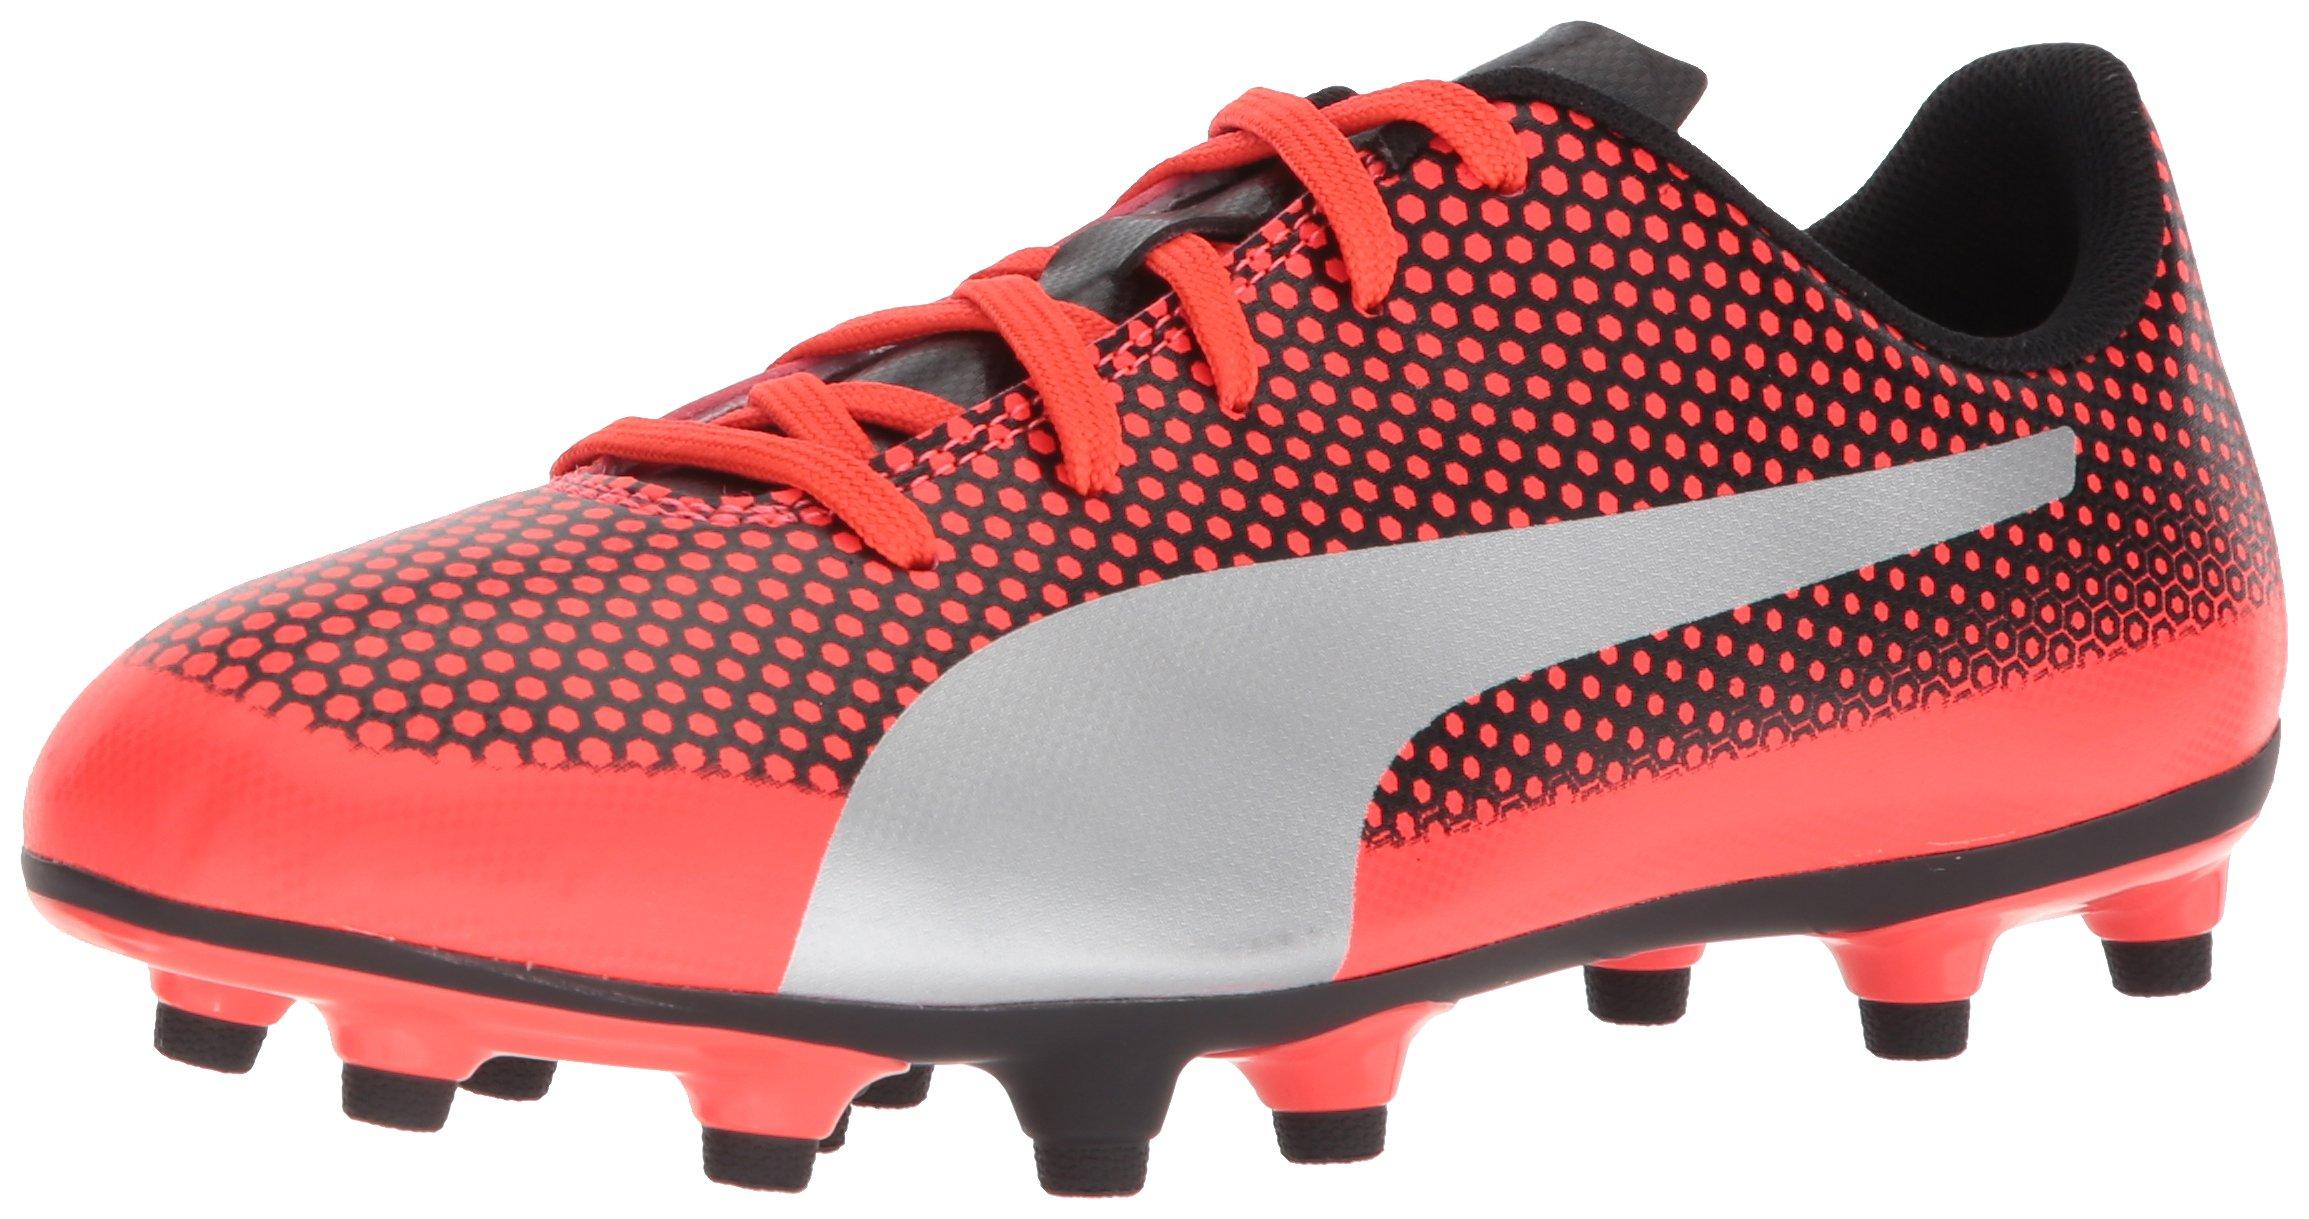 PUMA Unisex-Kids Spirit FG Soccer-Shoes, Red Blast Silver Black, 4 M US Big Kid